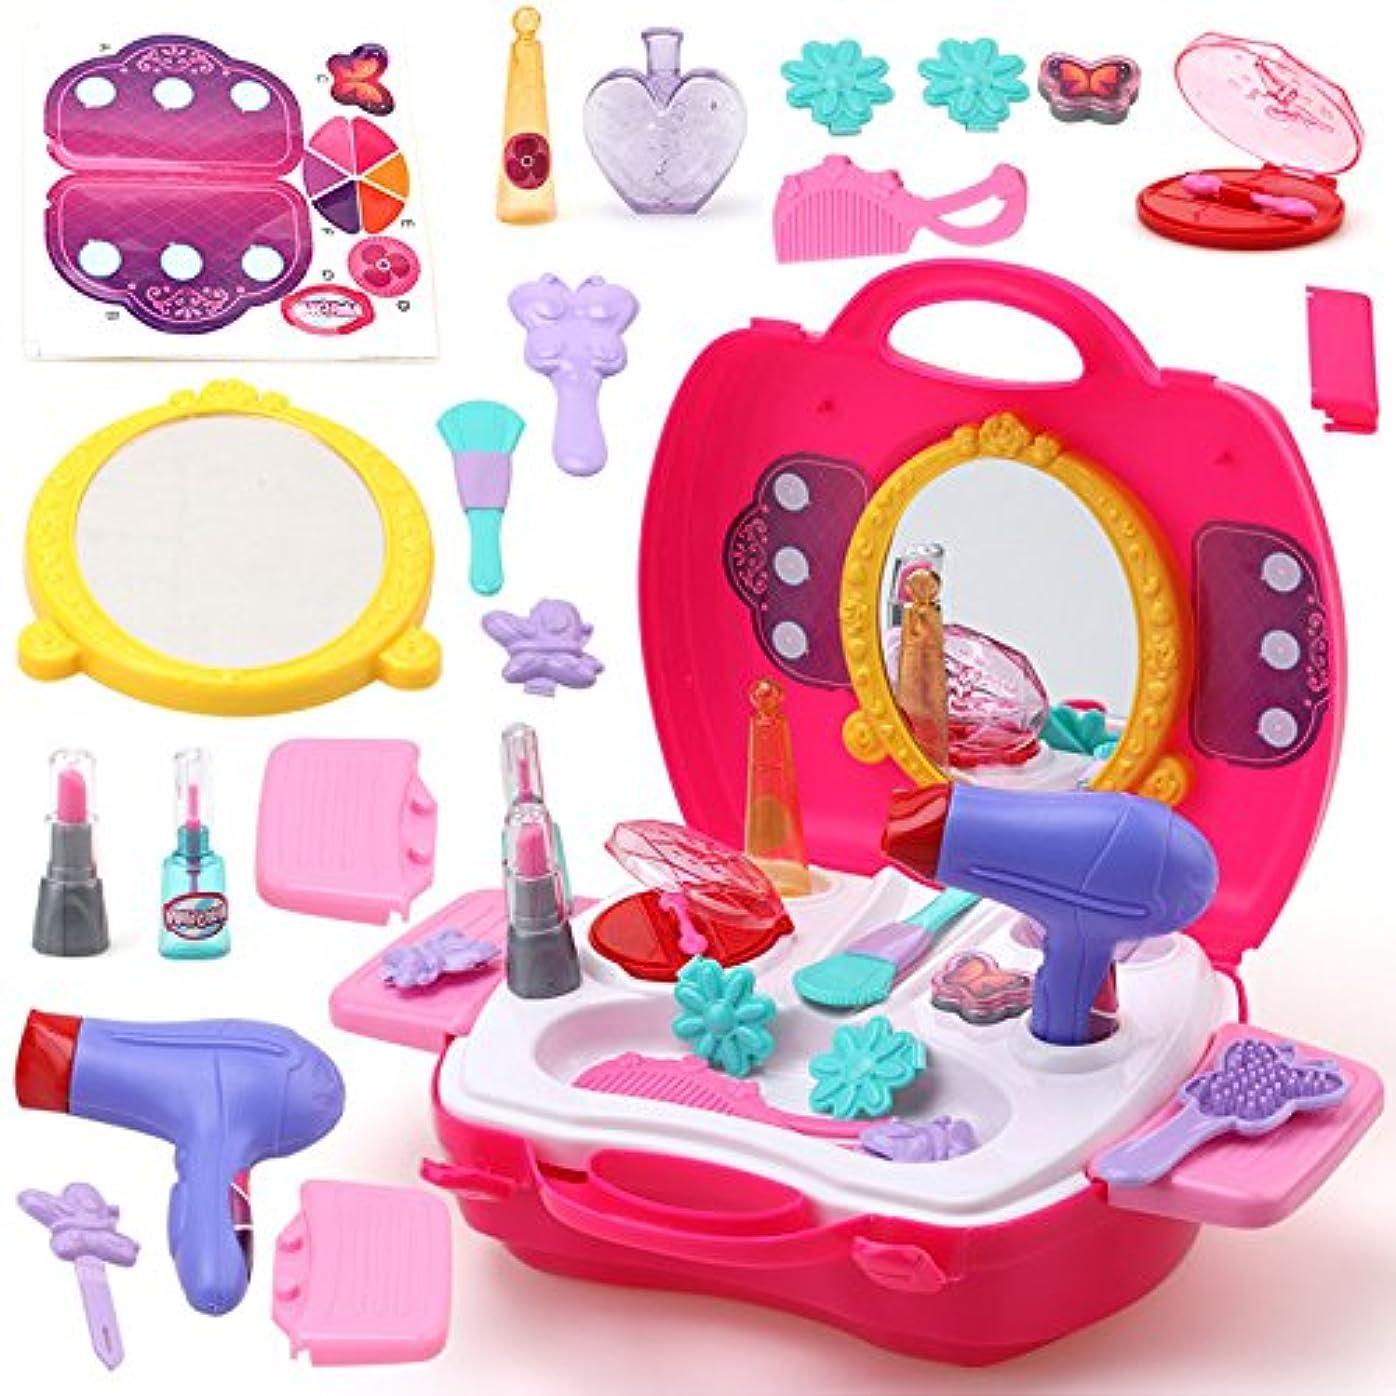 プロフィール銛真実にLiebeye ポータブル プラスチック化粧品のケース おもちゃ 教育おもちゃ ギフト 赤ちゃん 女の子